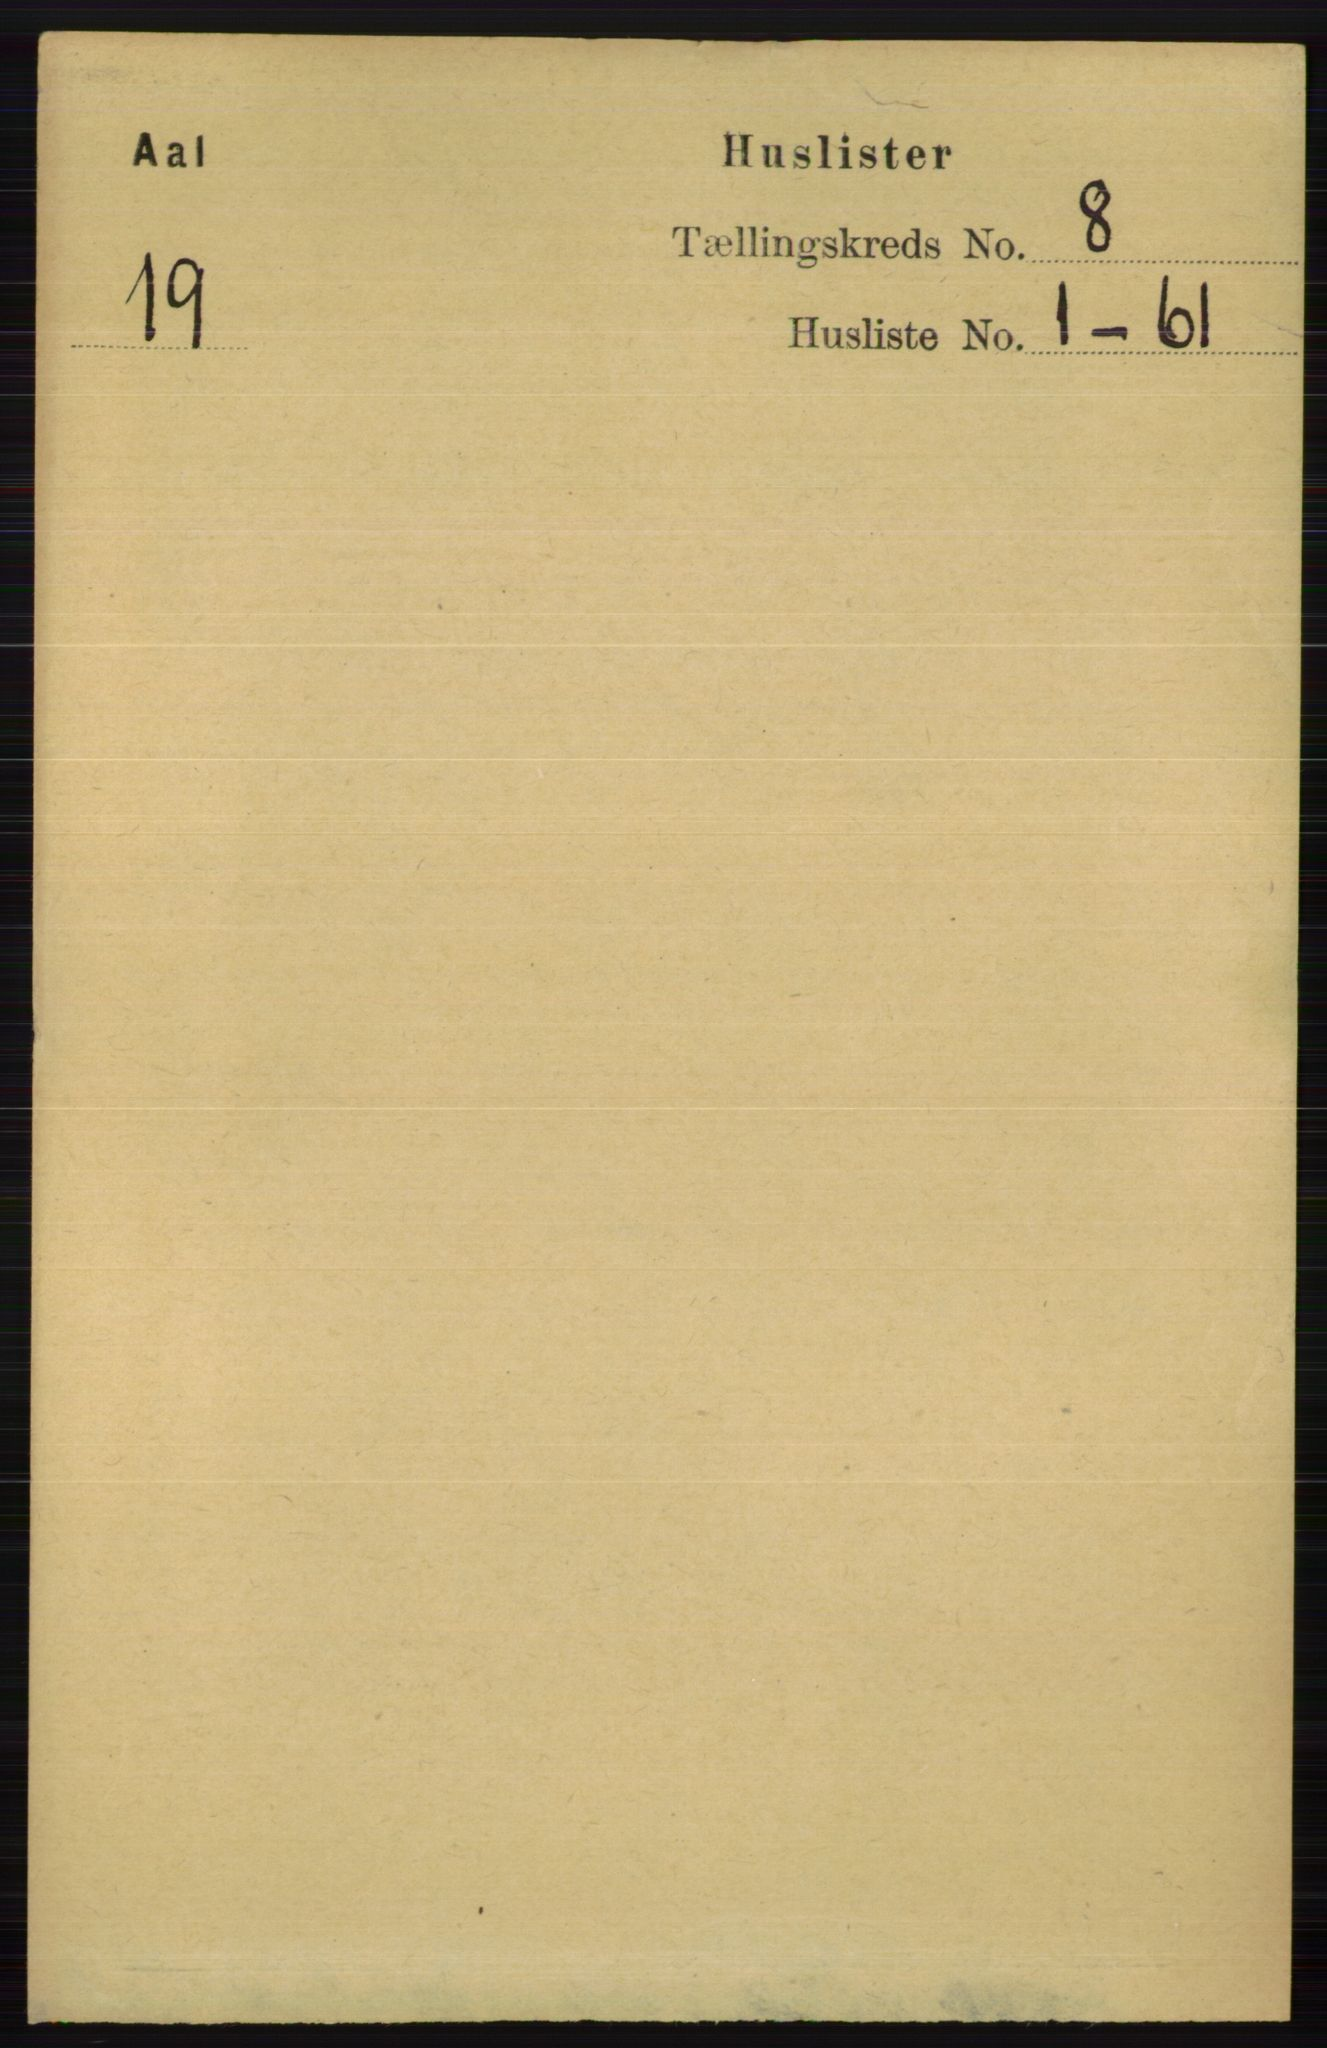 RA, Folketelling 1891 for 0619 Ål herred, 1891, s. 2029